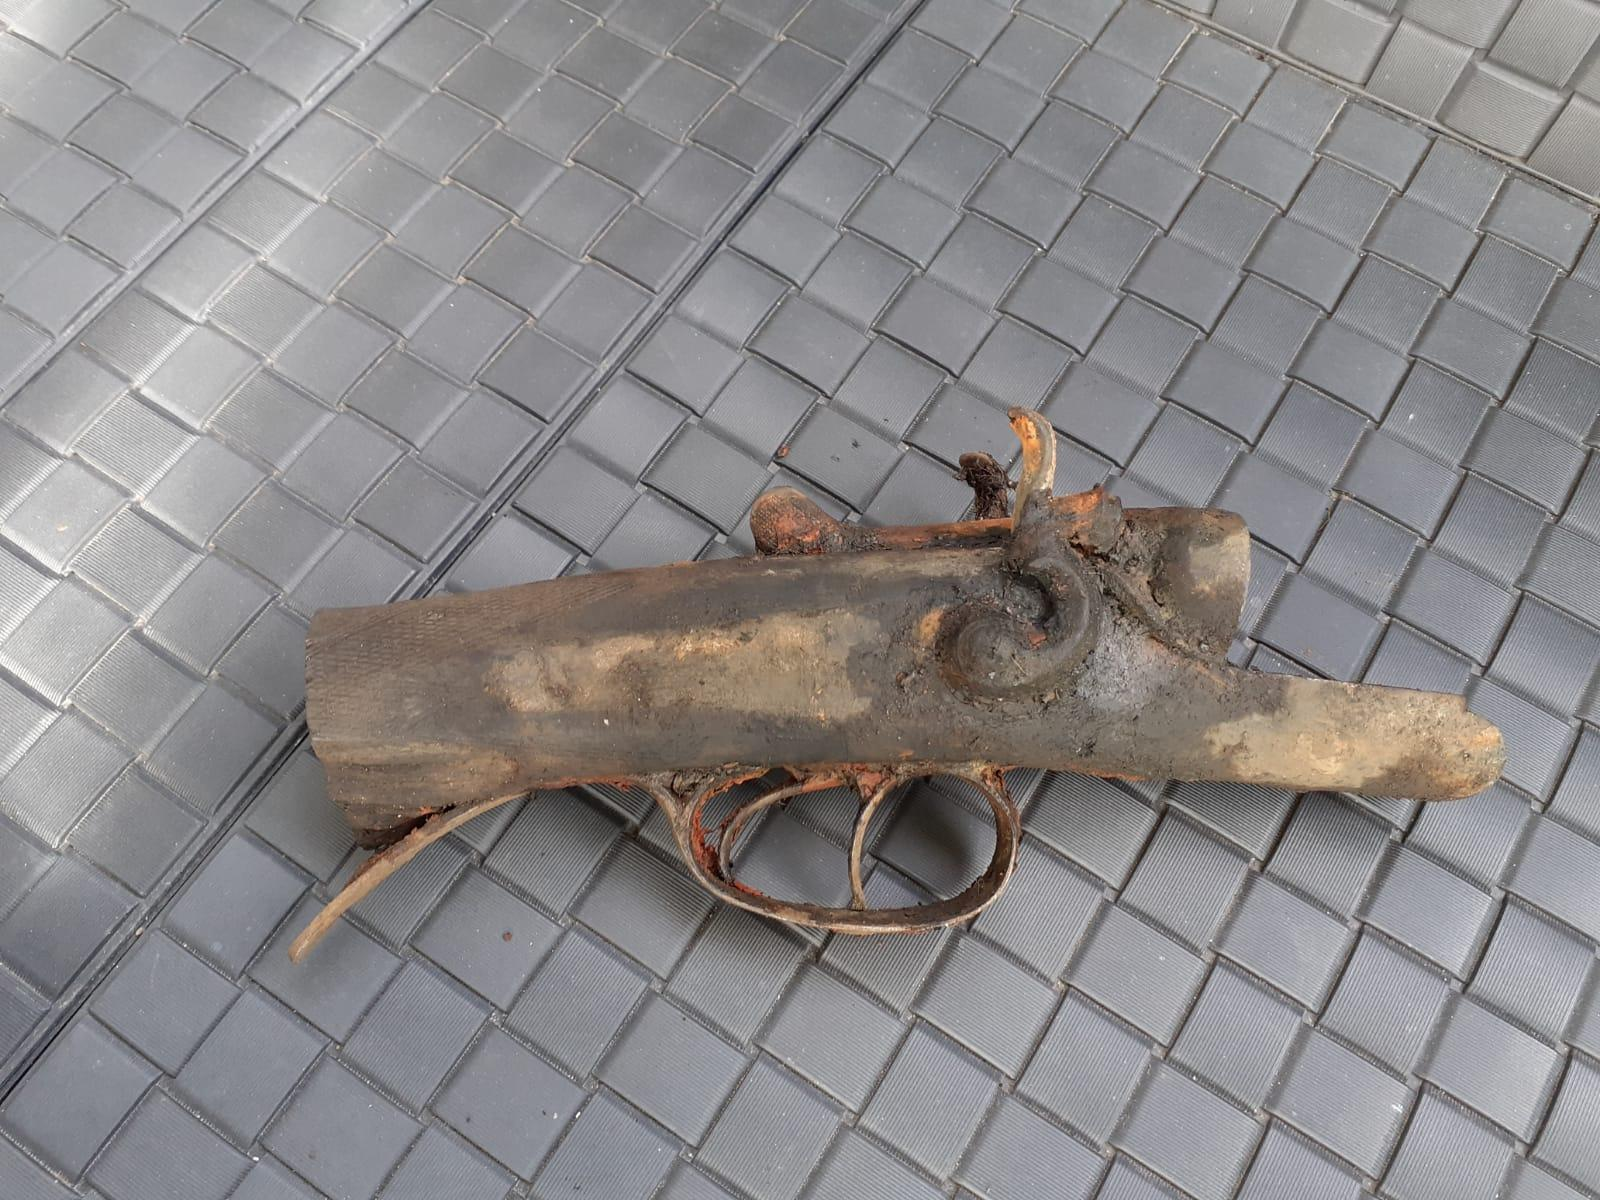 Magneetvisser Bins slaat weer toe en vist deel vuurwapen uit water Katwijk